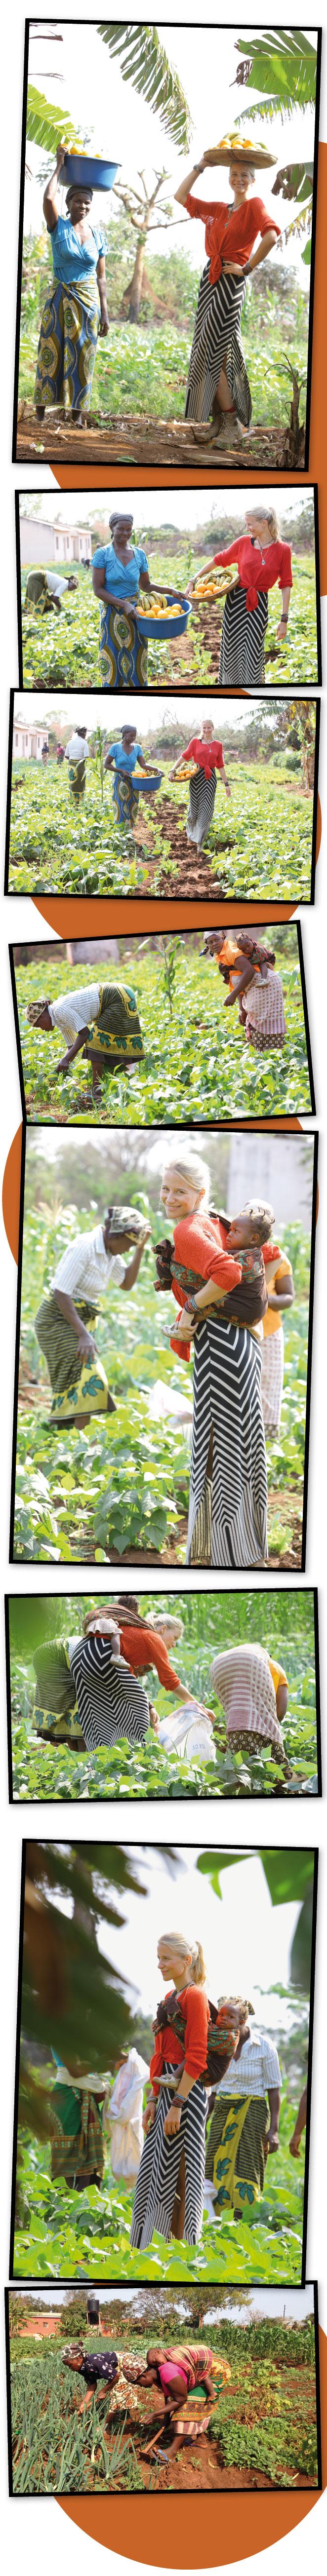 María León ayudando en el mantenimiento de las huertas en Mozambique